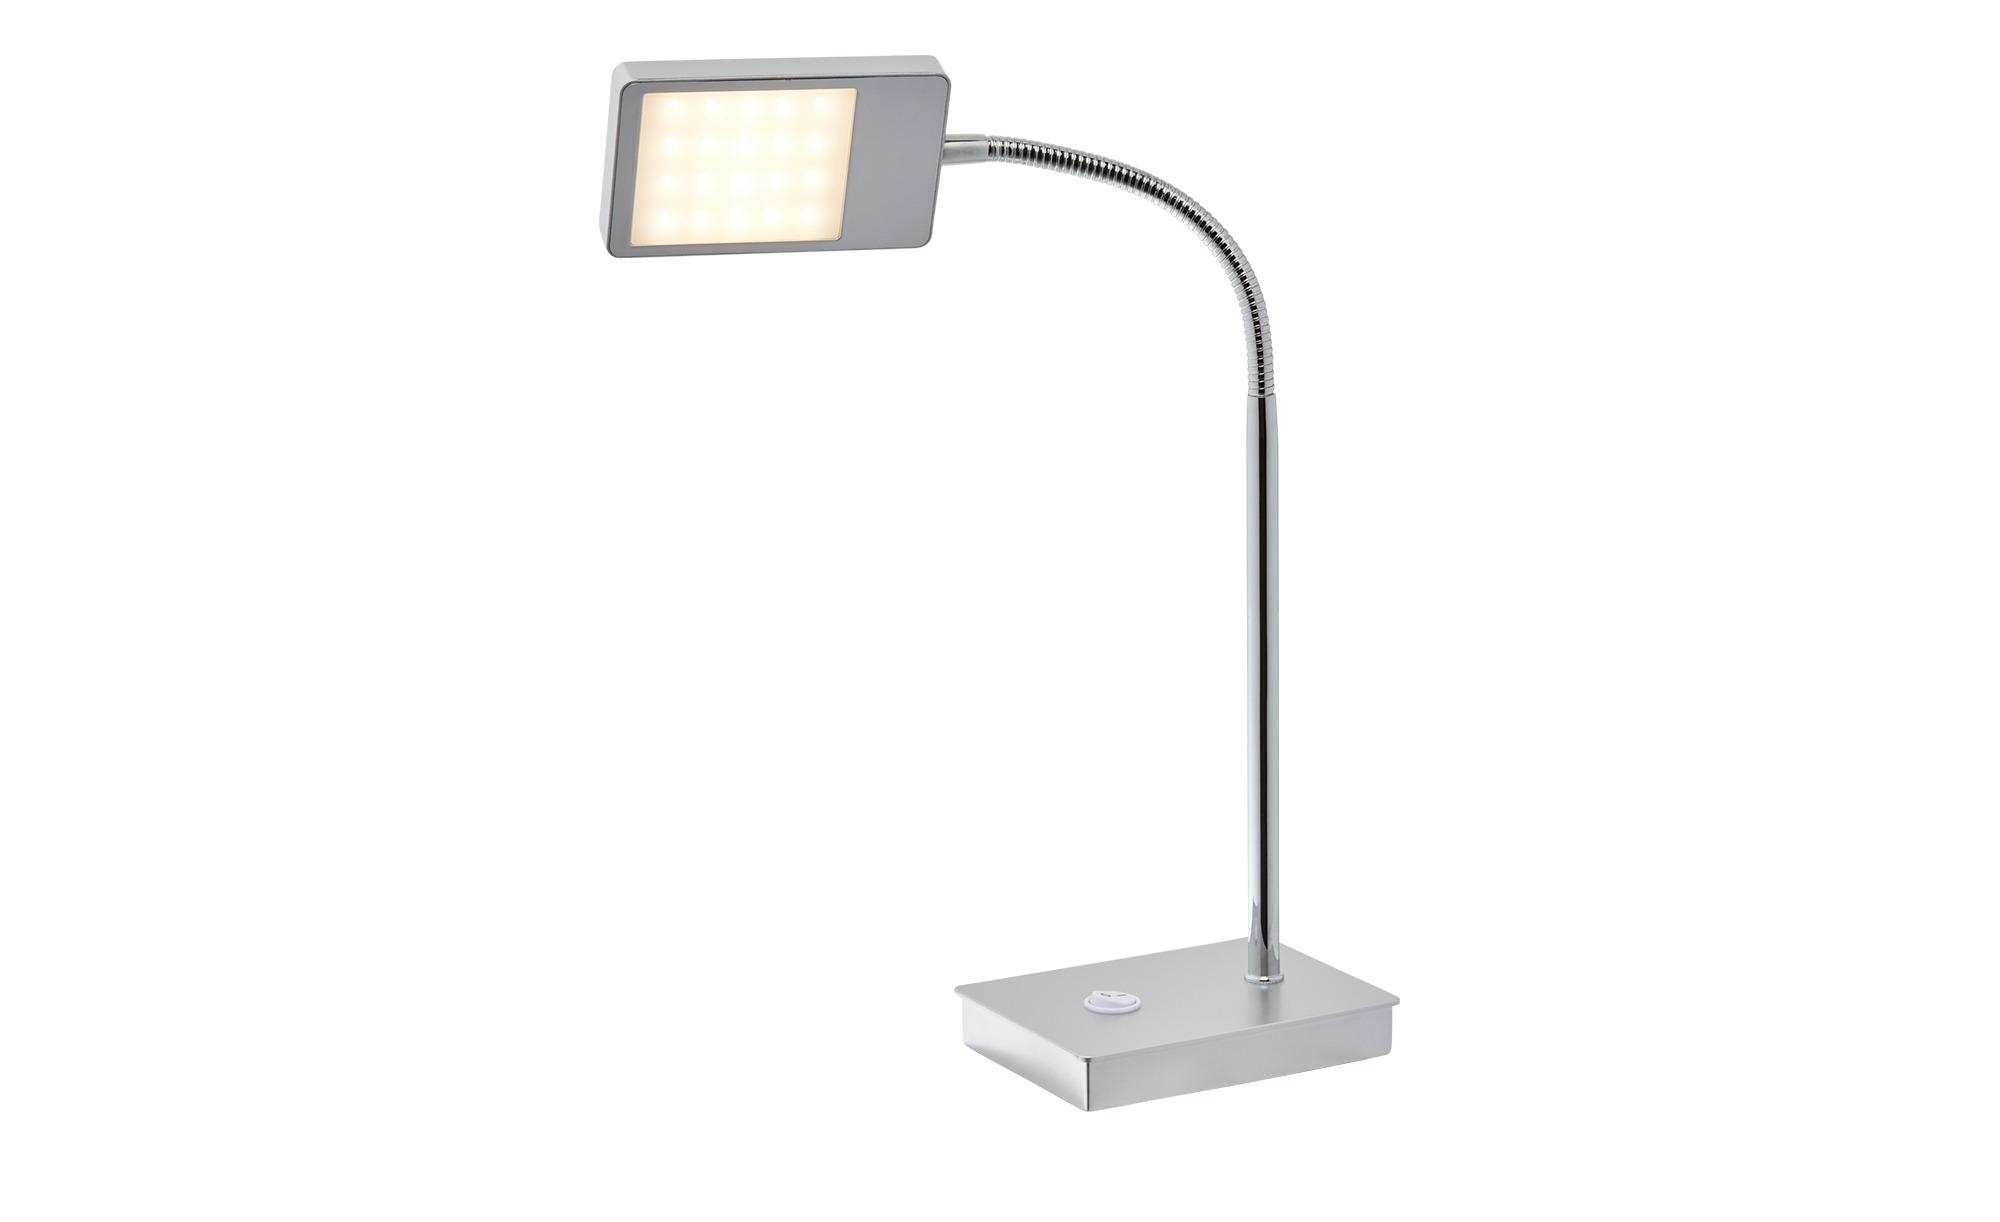 KHG LED- Tischleuchte silber ¦ silber ¦ Maße (cm): B: 9 H: 40 Lampen & Leuchten > Innenleuchten > Tischlampen - Höffner